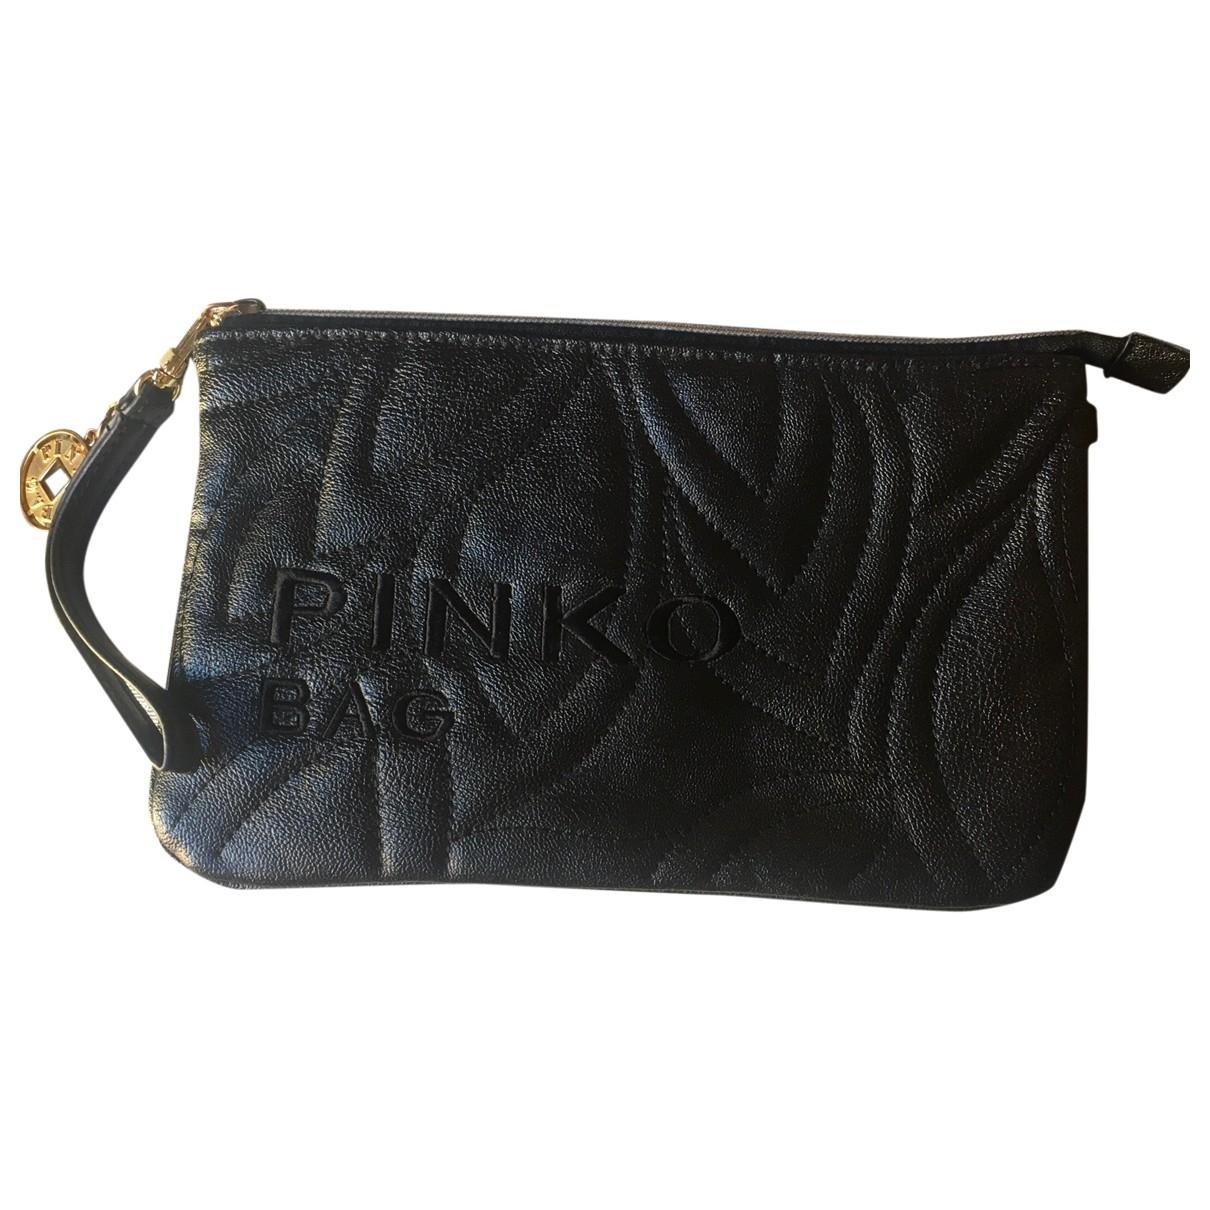 Pinko \N Clutch in  Schwarz Leder